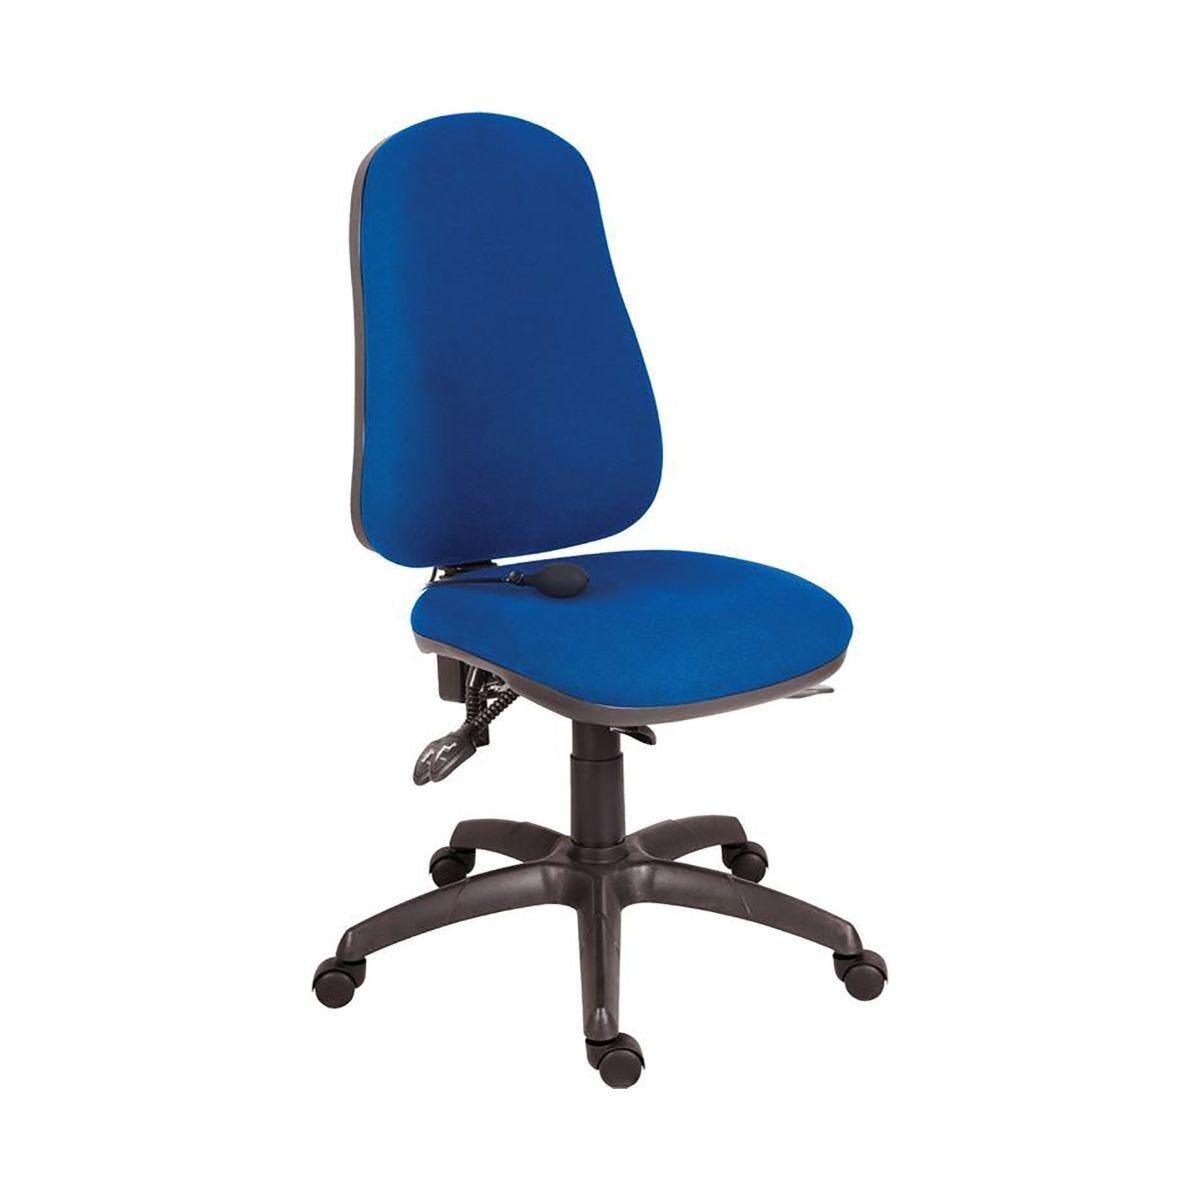 Teknik Office Ergo Comfort Air Computer Chair Fabric